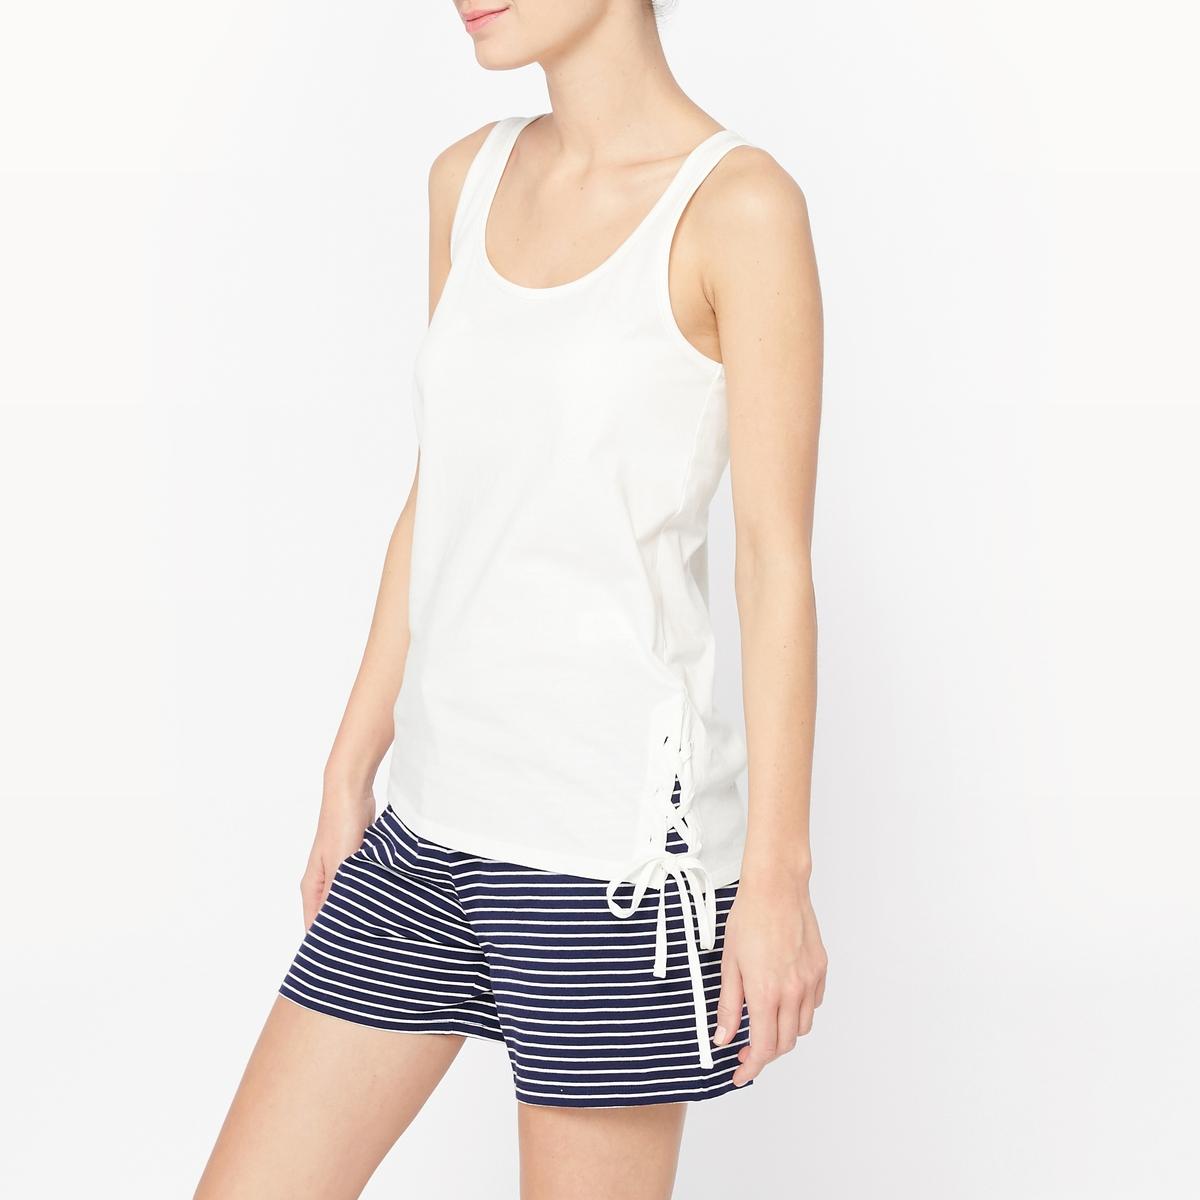 Пижама с шортами из хлопкаСостав и описание :Материал : 100% хлопокДлина : футболка 62 см.Длина по внутр.шву : 6 смУход :Машинная стирка при 40°С.Стирать с вещами схожих цветов.Гладить с изнаночной стороны.<br><br>Цвет: белый + темно-синий<br>Размер: 34/36 (FR) - 40/42 (RUS).38/40 (FR) - 44/46 (RUS).42/44 (FR) - 48/50 (RUS)